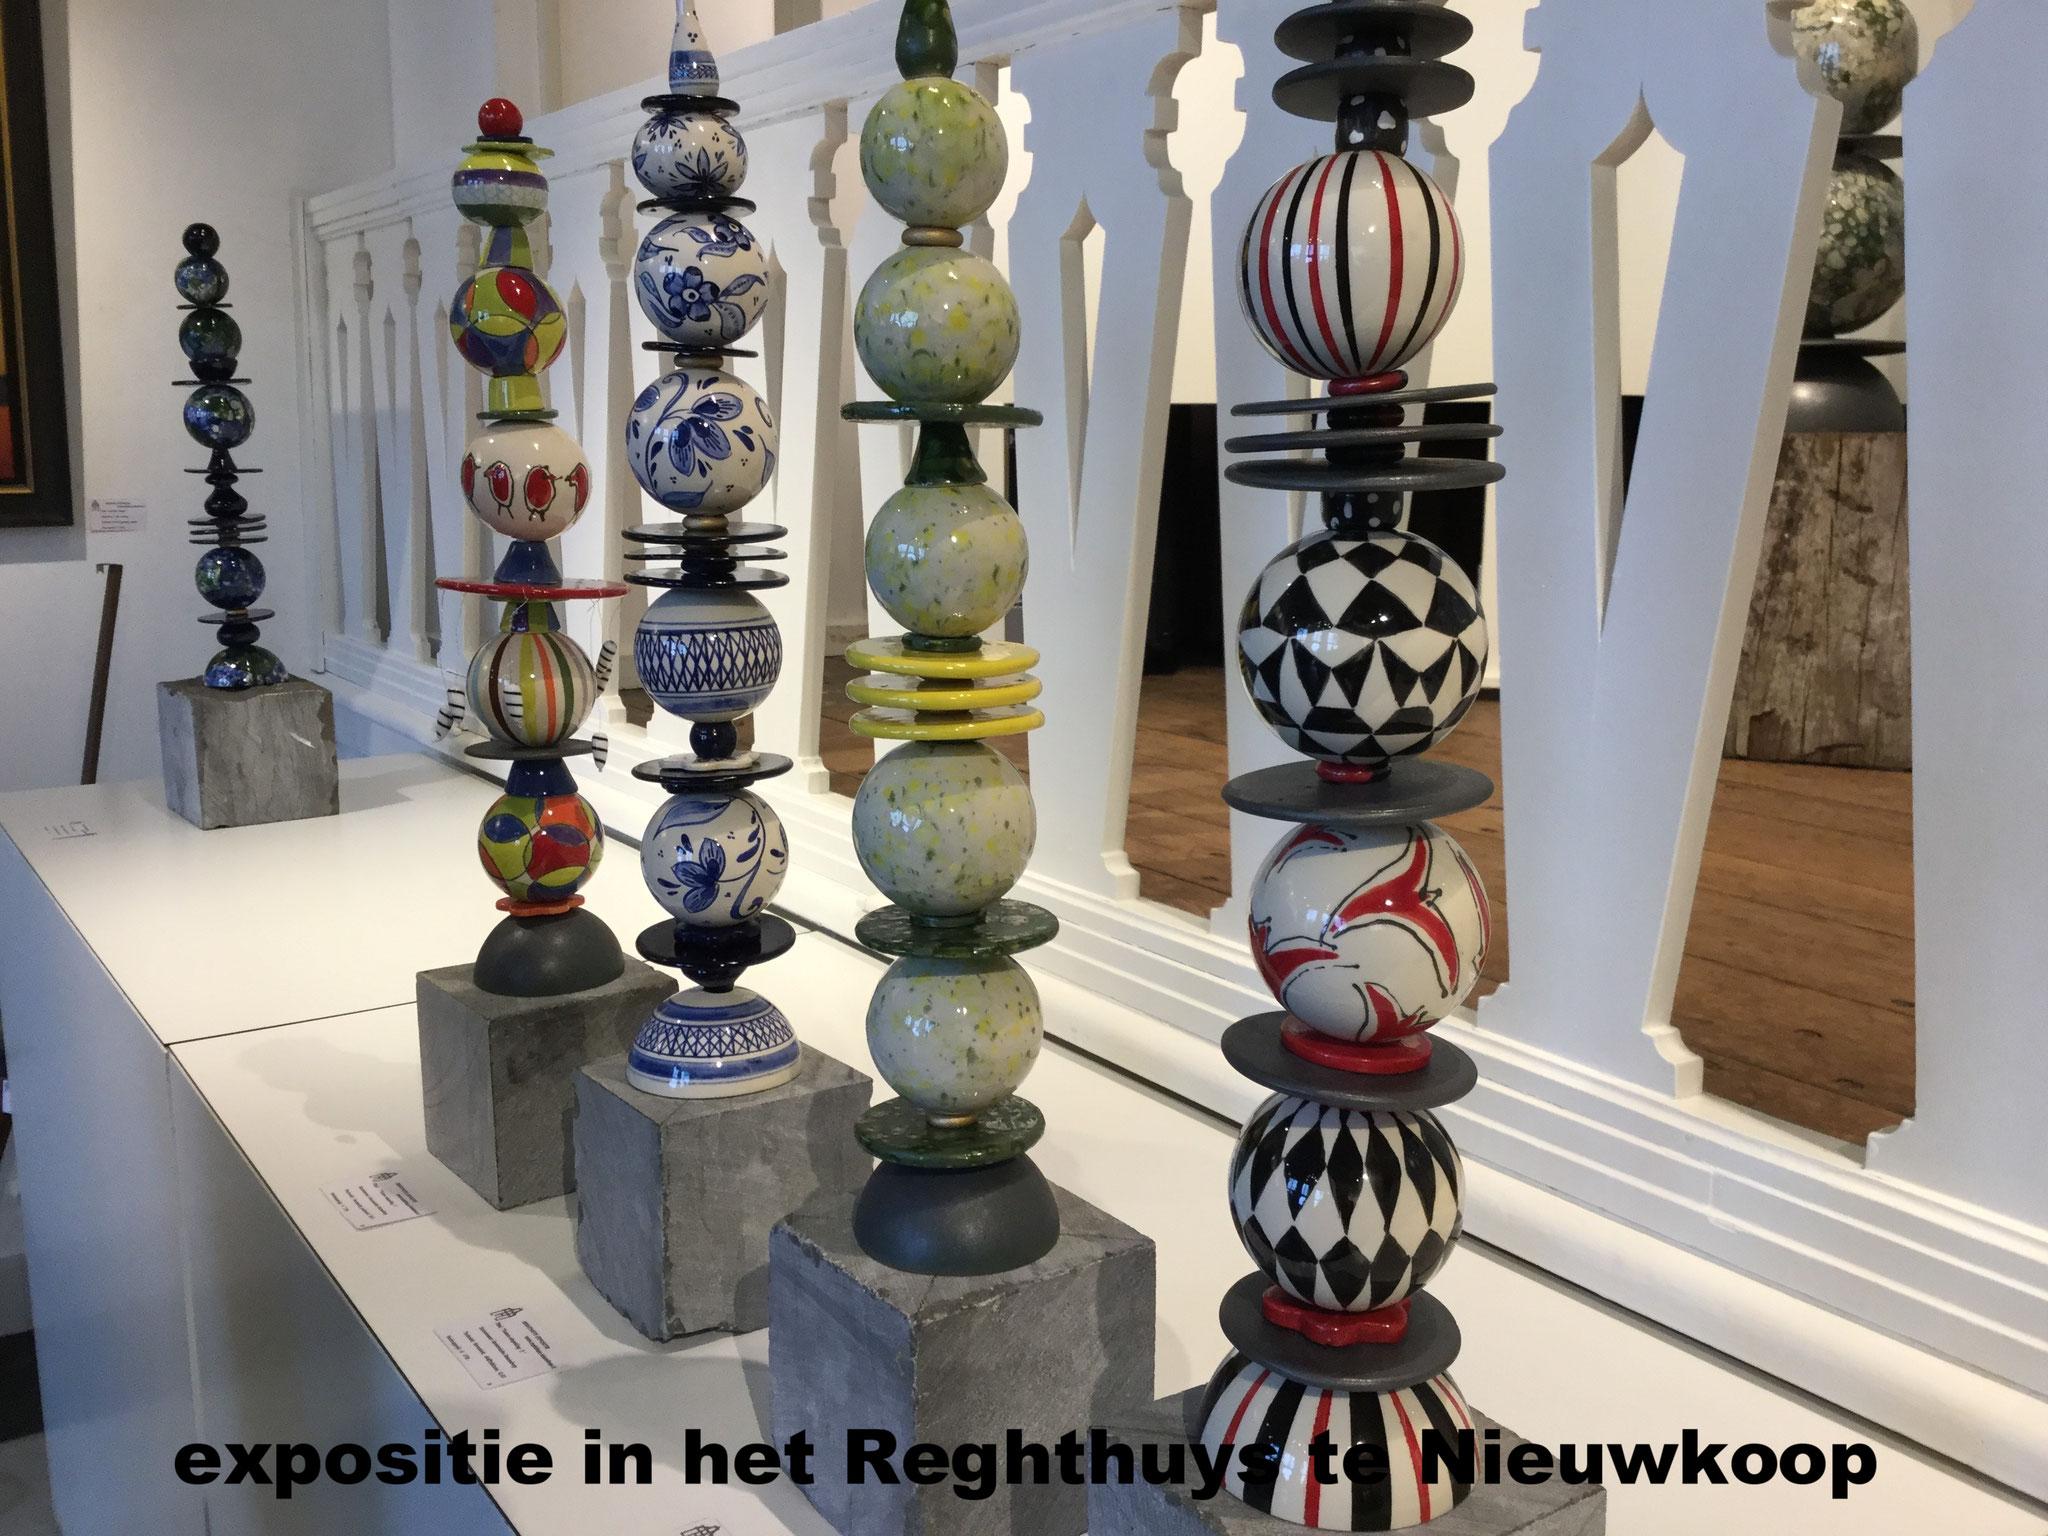 stapeling  65 cm  expostie Nieuwkoop